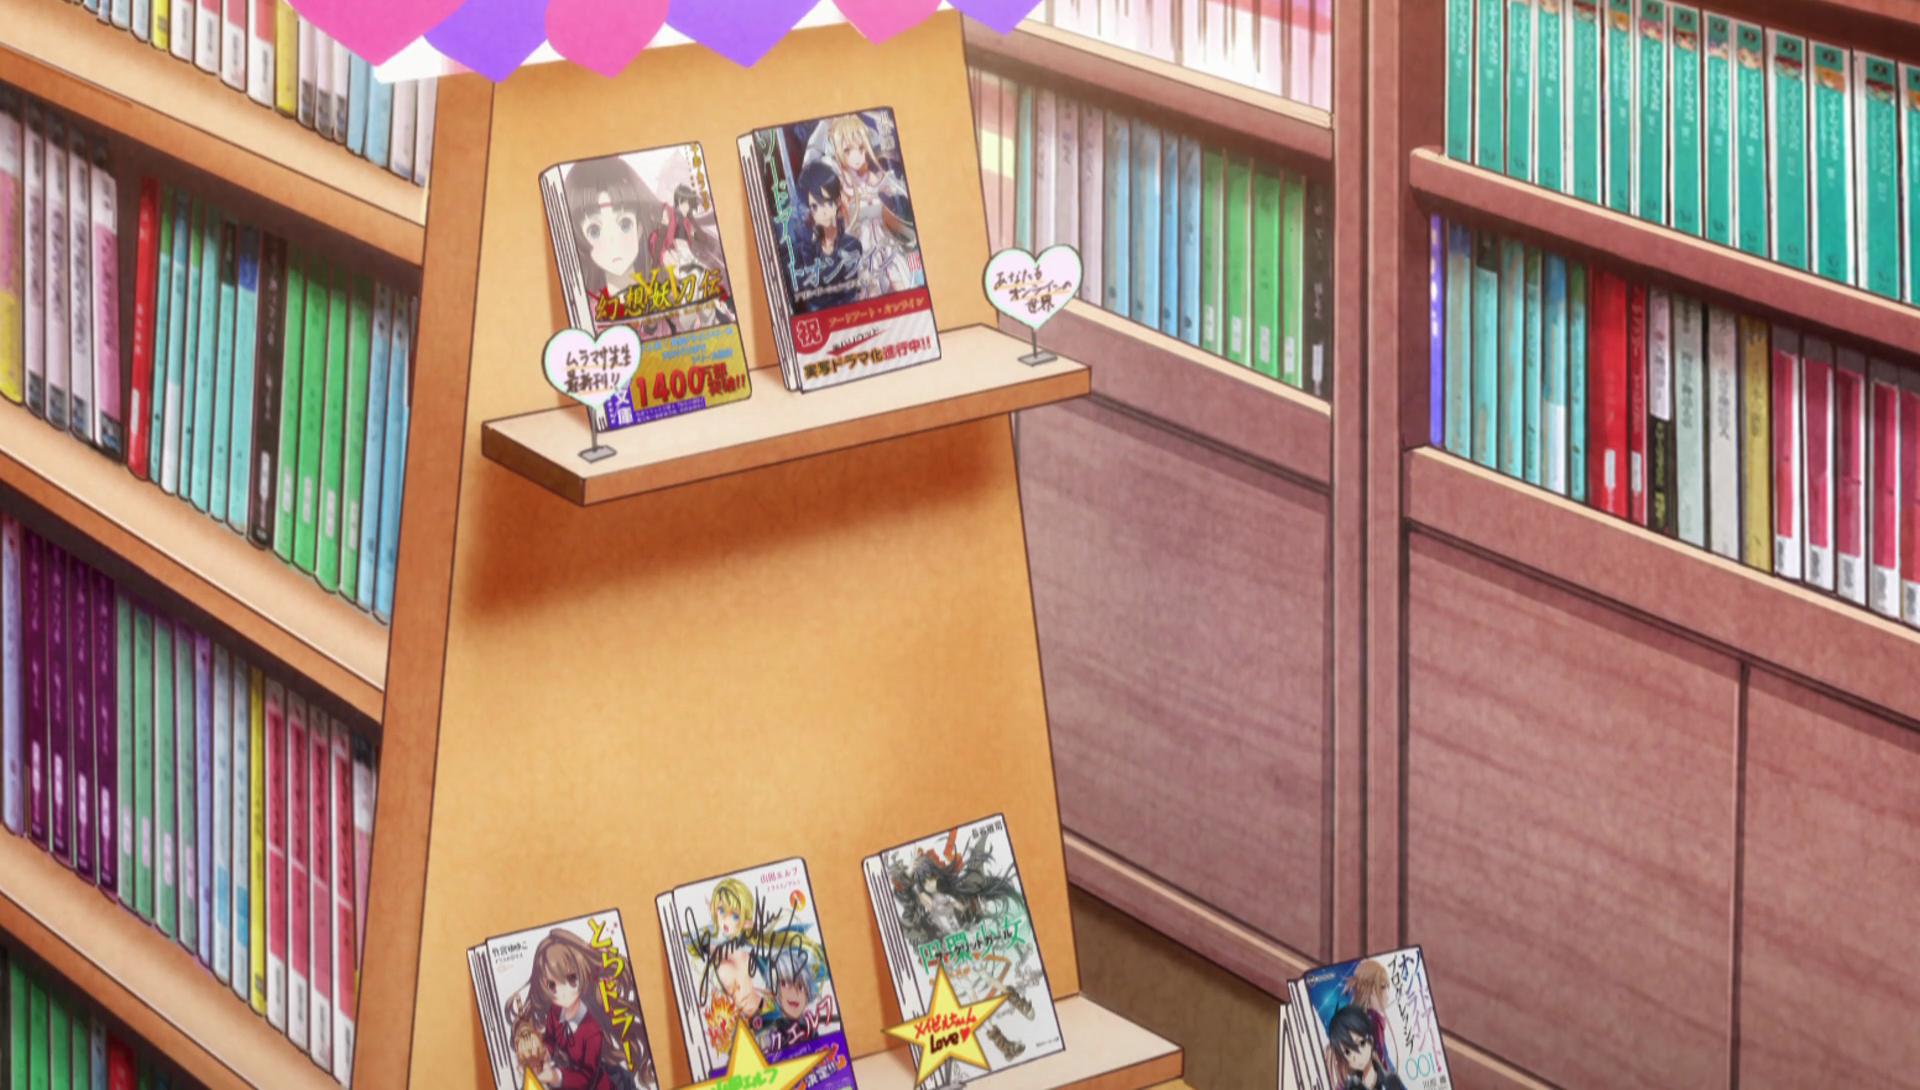 [2.0] Caméos et clins d'oeil dans les anime et mangas!  - Page 9 589251Eromangasensei2vlcsnap2017041520h34m50s400